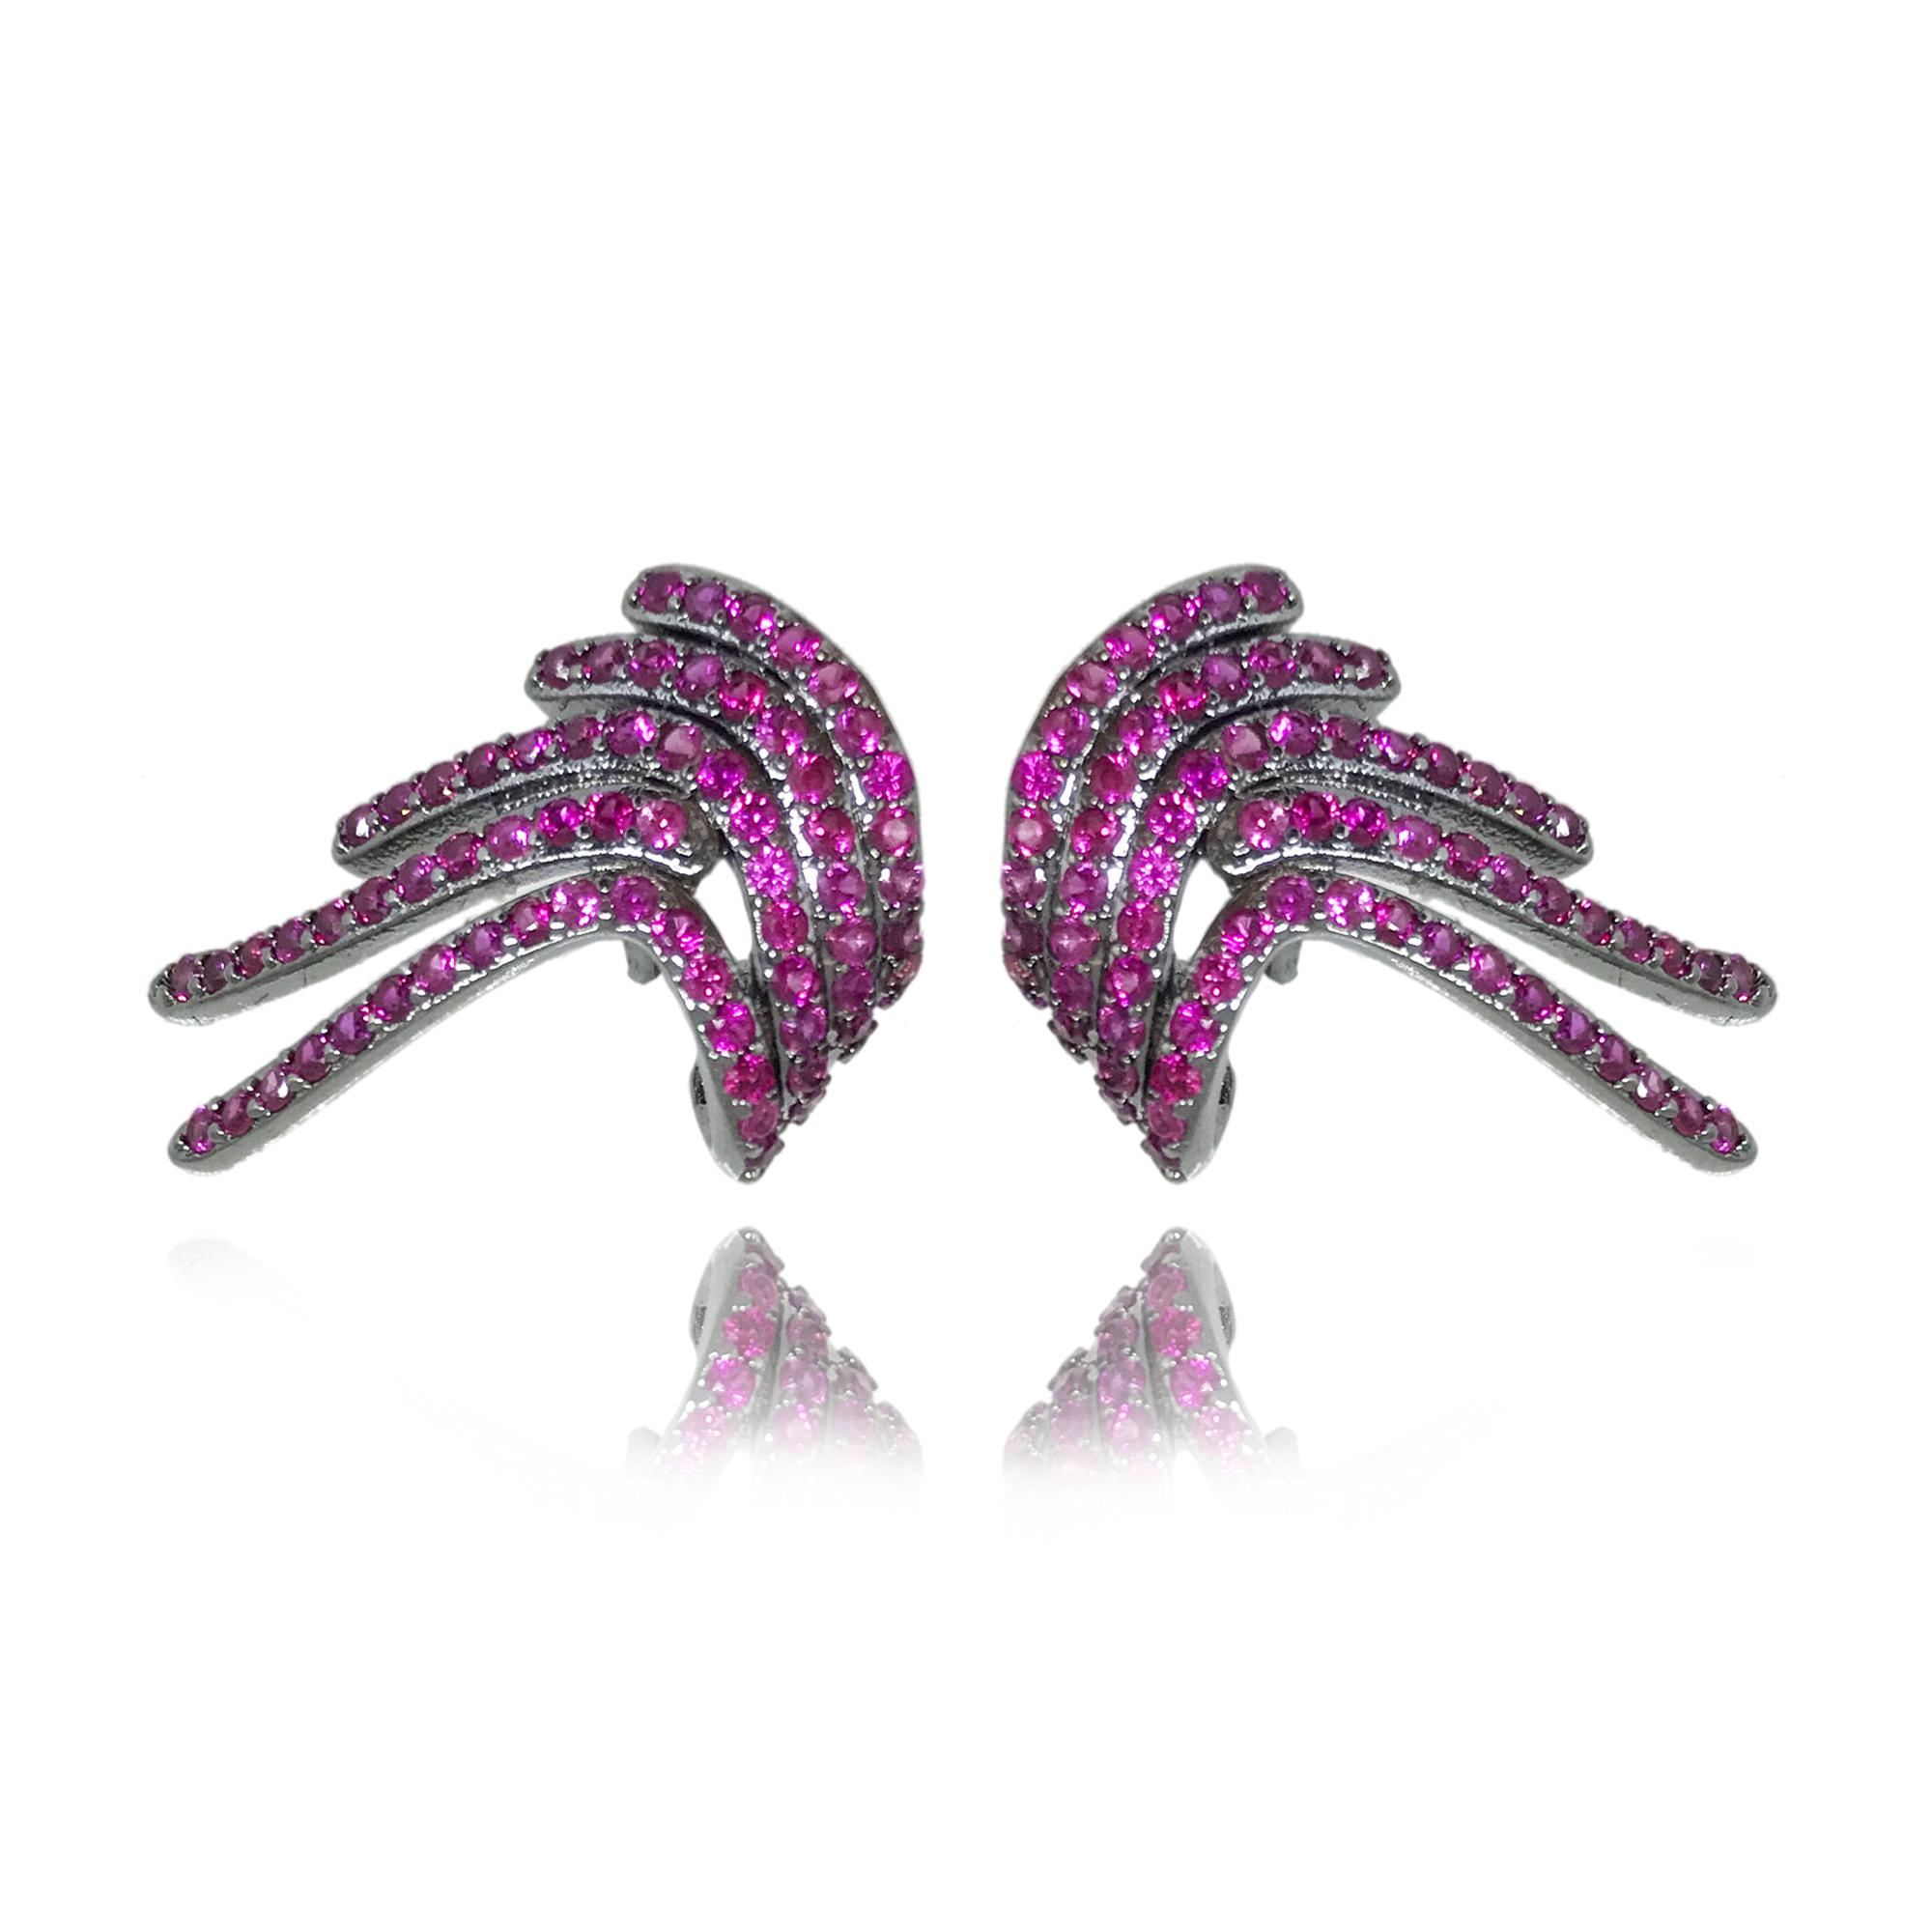 Brinco em formato de asa cravejado com mini zircônias pink folheado no ródio negro